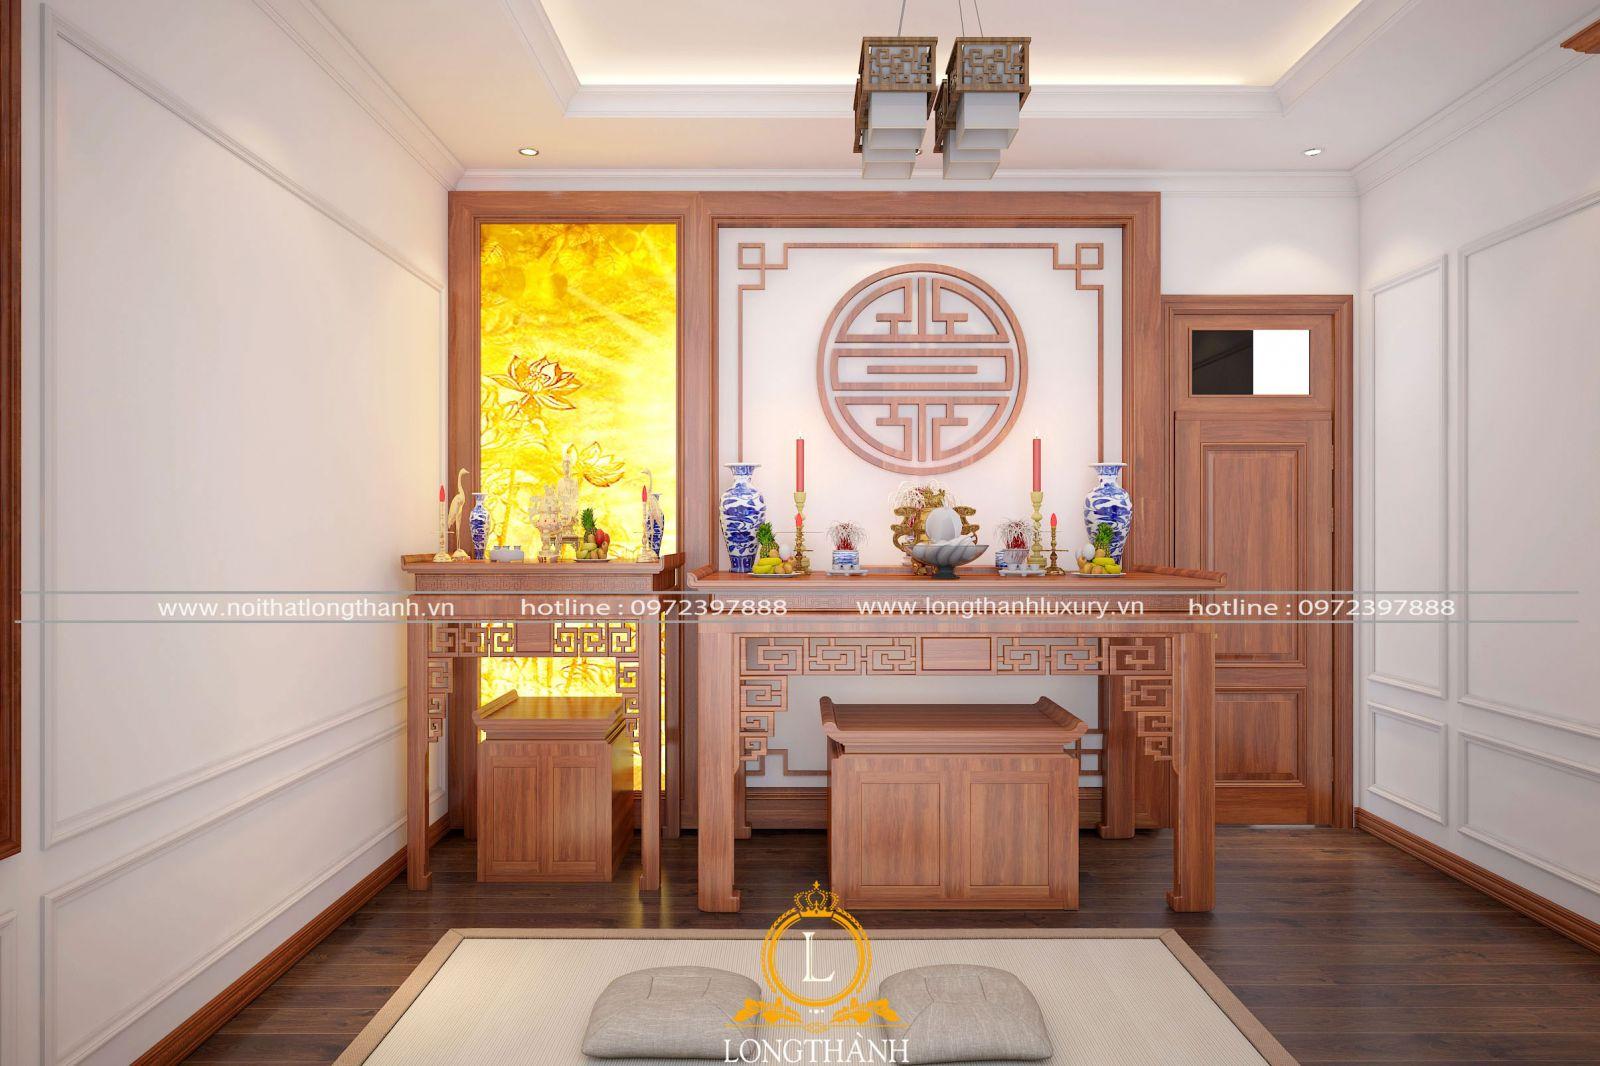 Mẫu phòng thờ đơn giản nhỏ gọn cho không gian nhà chung cư rộng